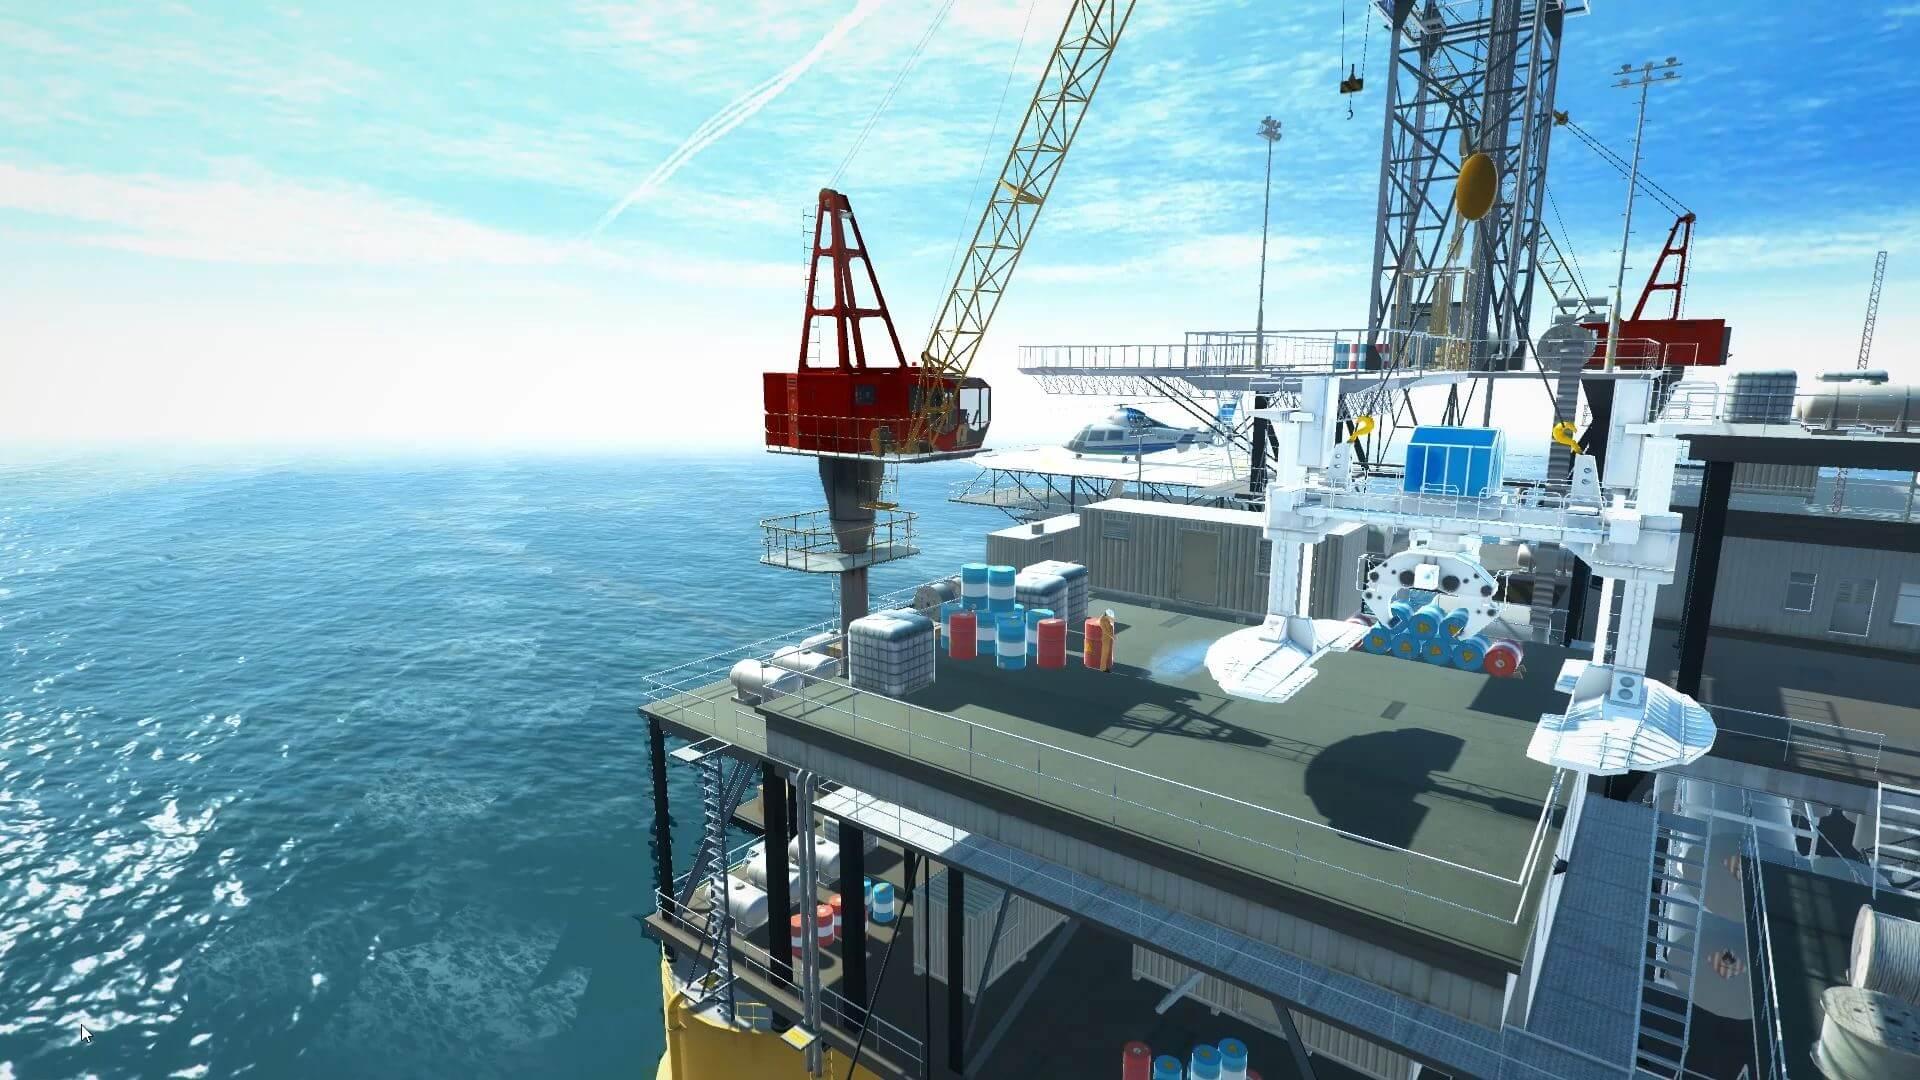 VR crane